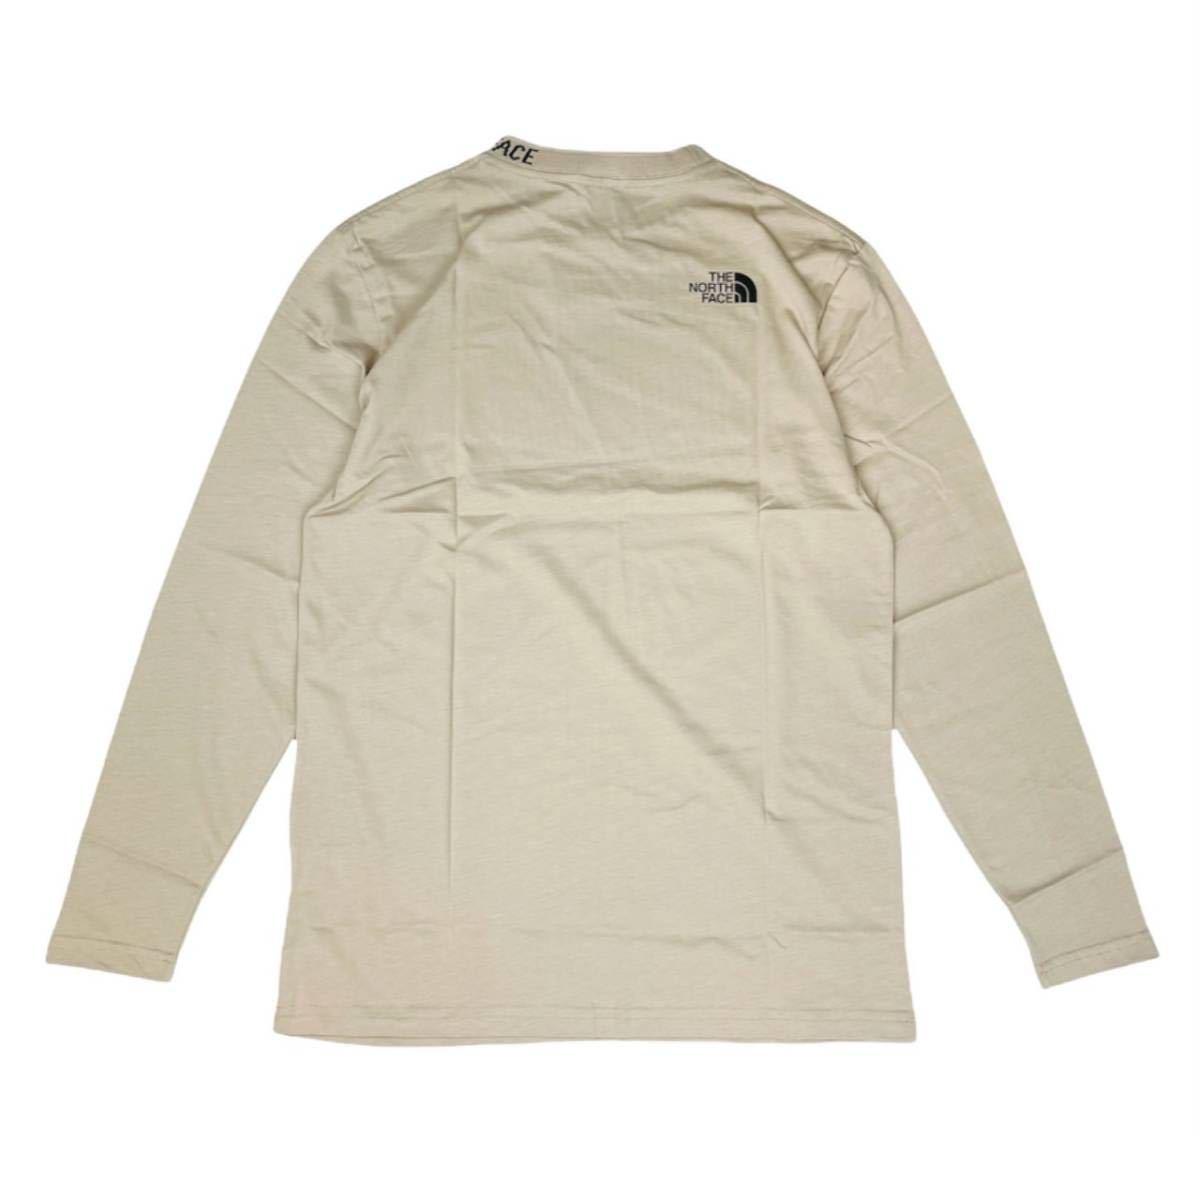 ザ ノースフェイス 長袖 Tシャツ ロンT レディース 首元ロゴ NF0A5ILW ベージュ ズーム Sサイズ THE NORTH FACE W NEW LS ZUMU T 新品